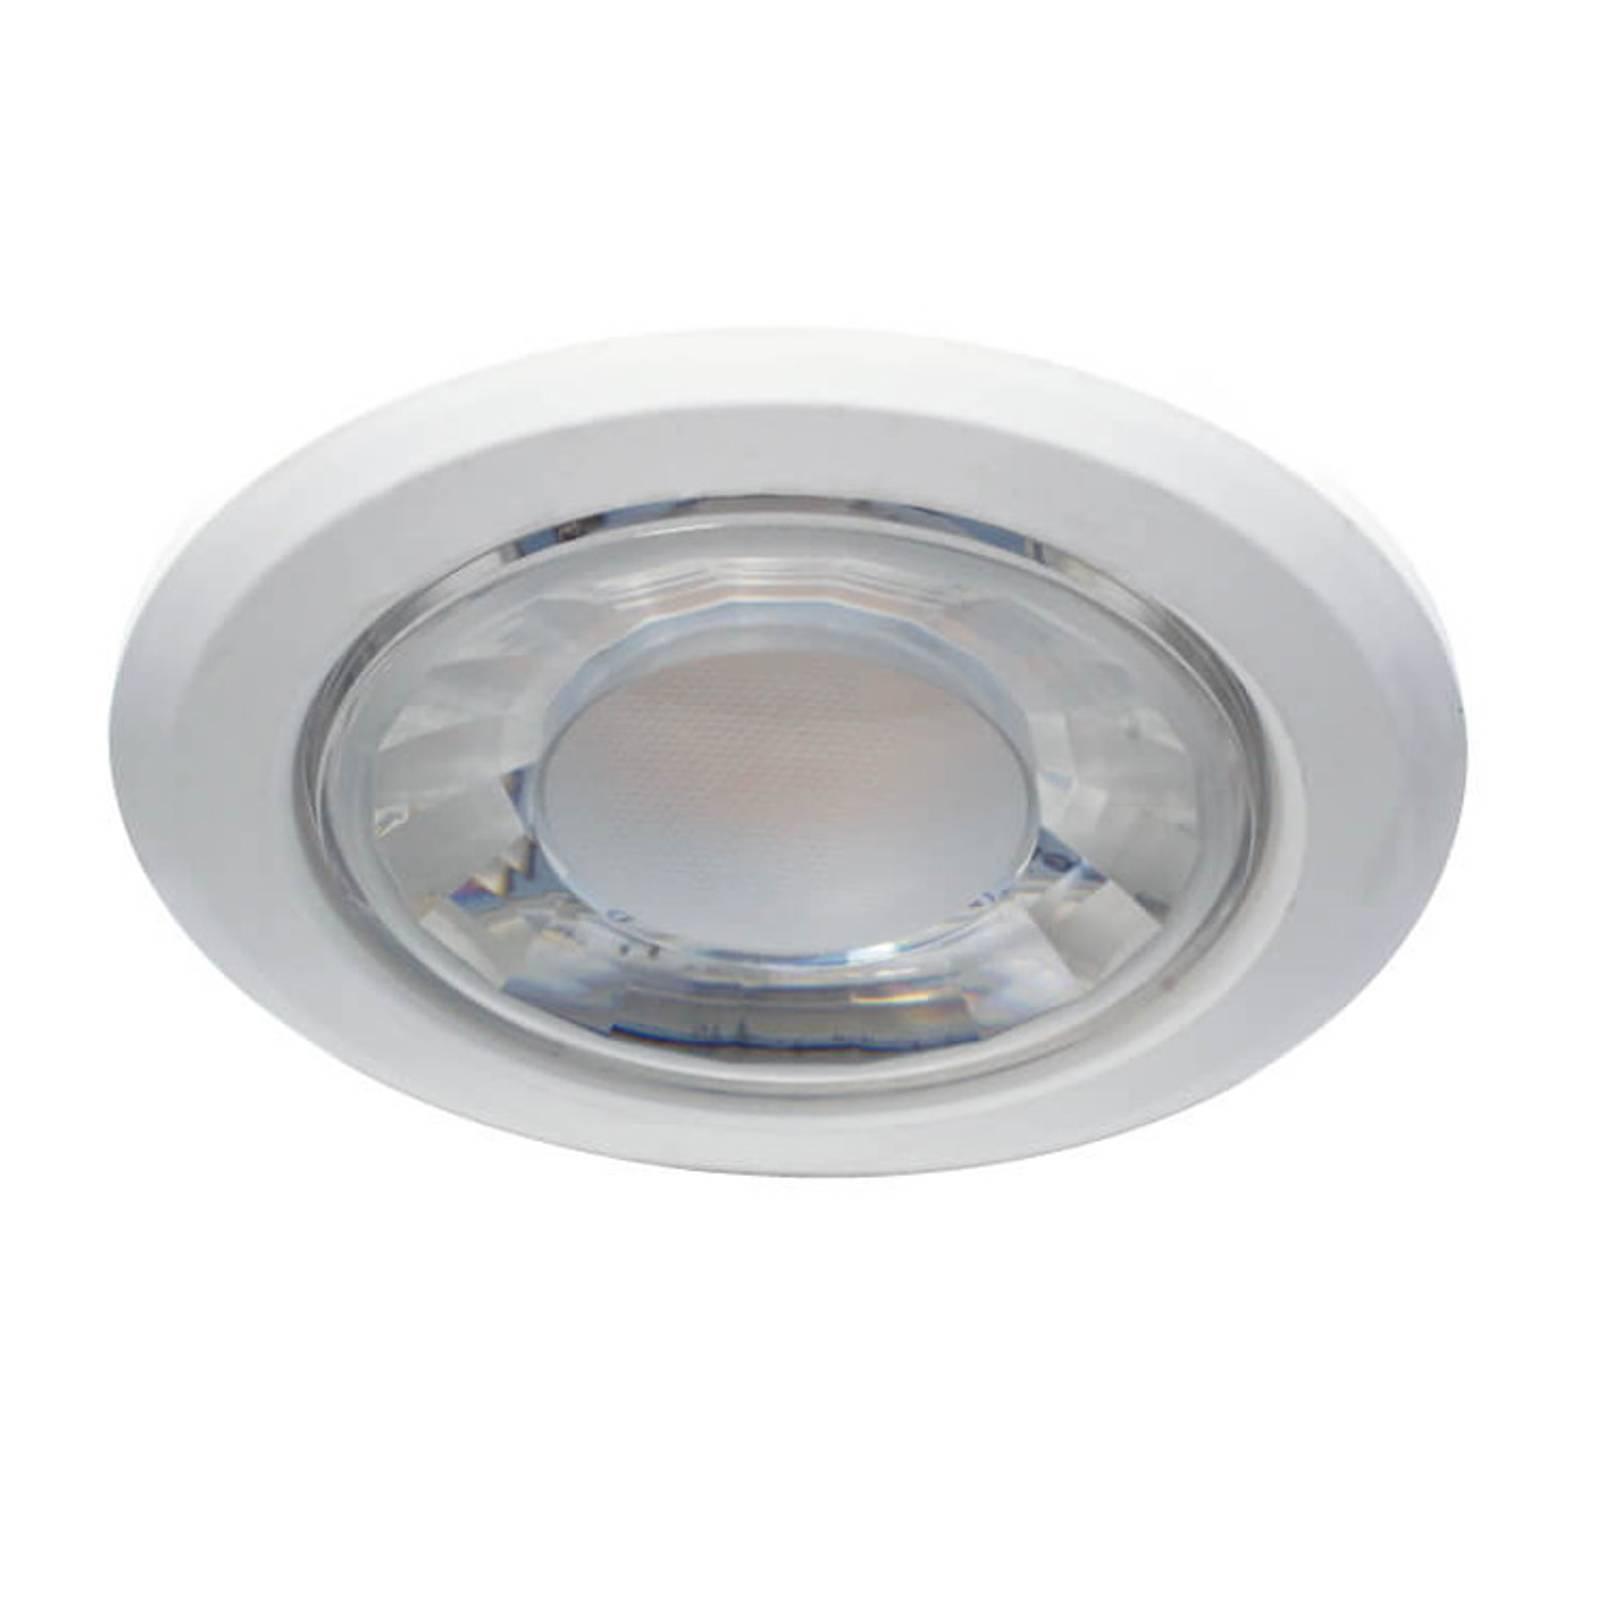 LED-uppokohdevalaisin Dekto 10,5cm 60° 15W 2700K